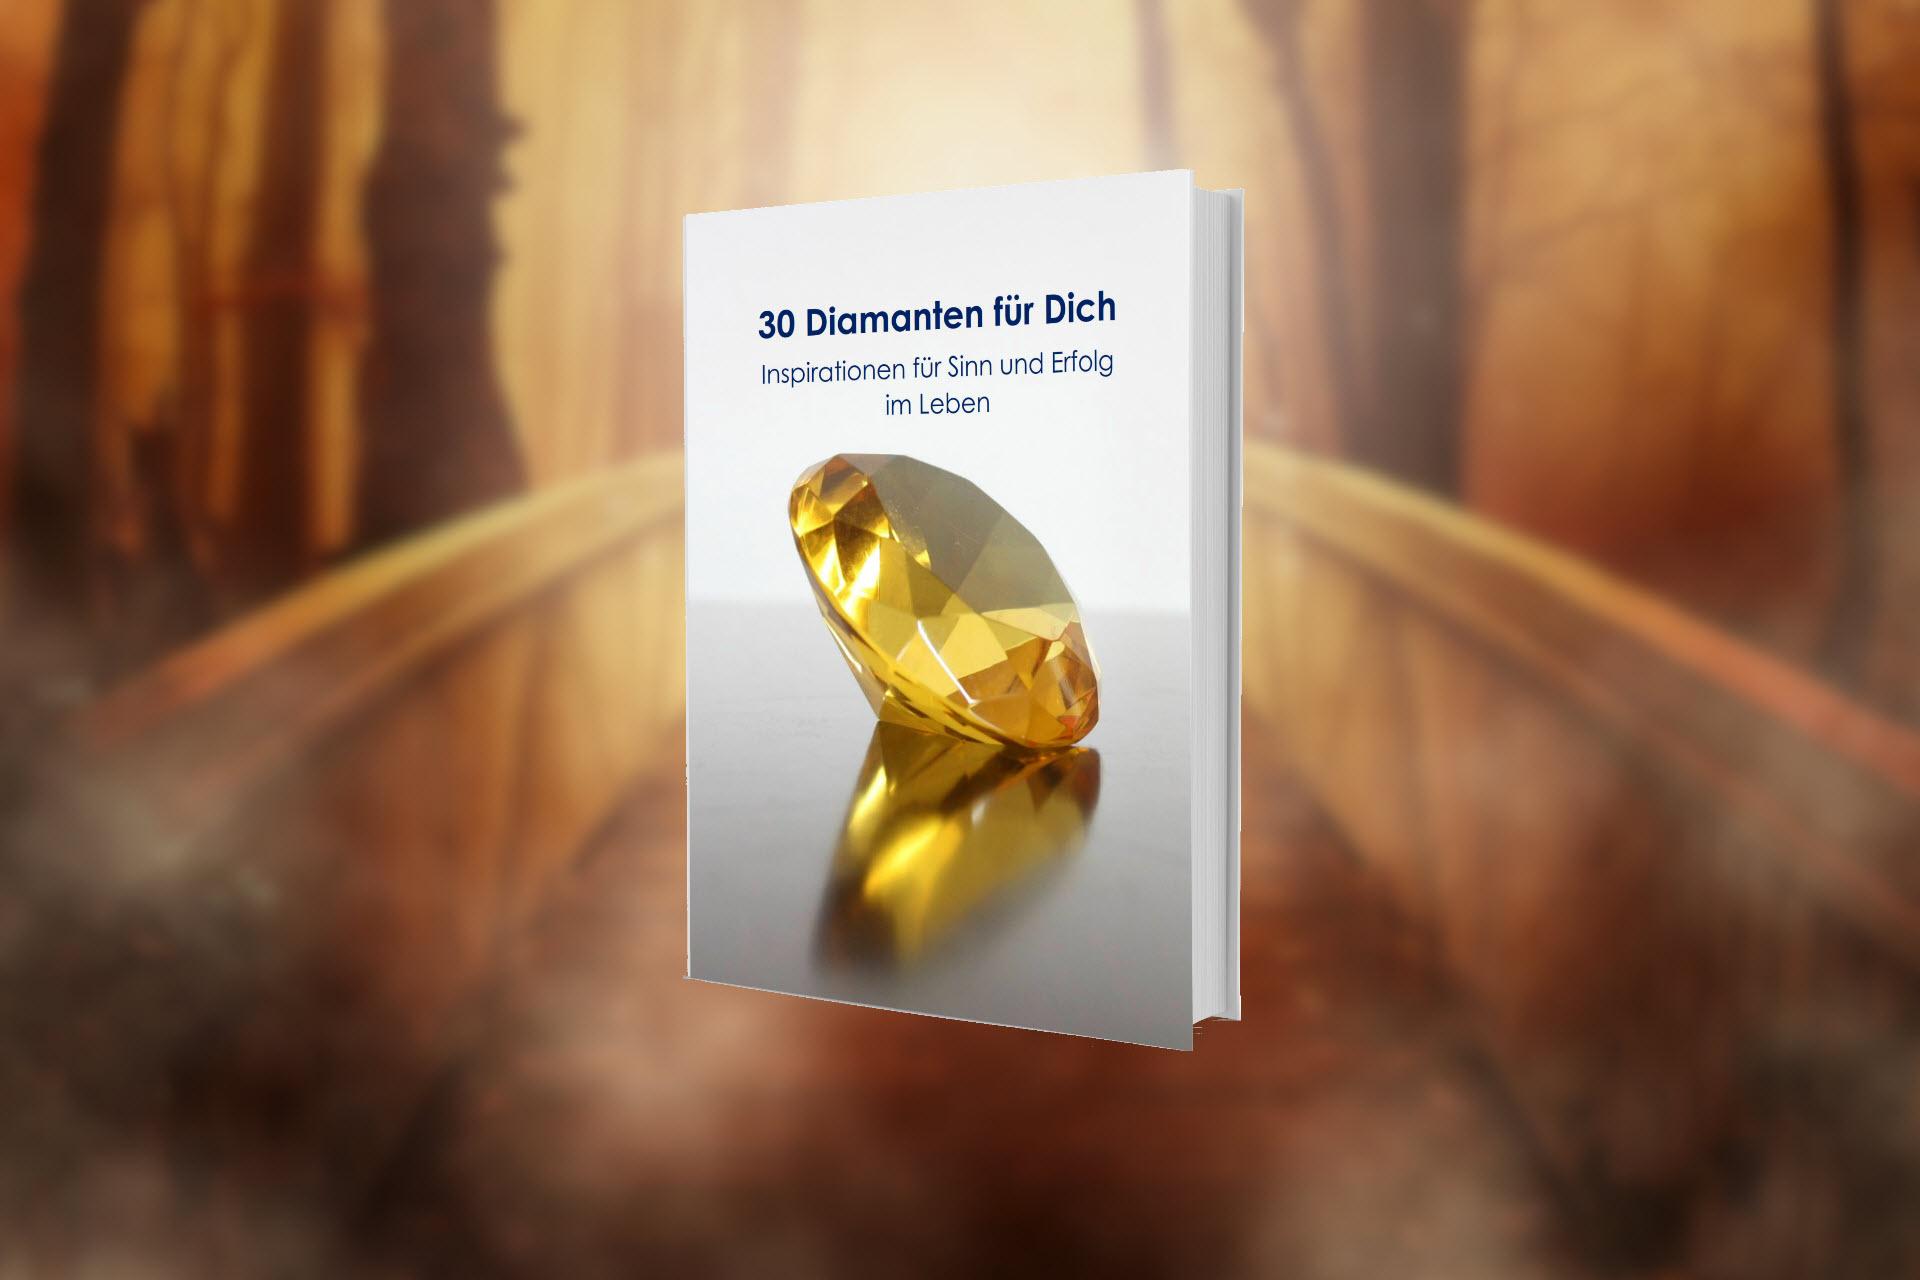 30 Diamanten für Dich – Für Sinn und Erfolg